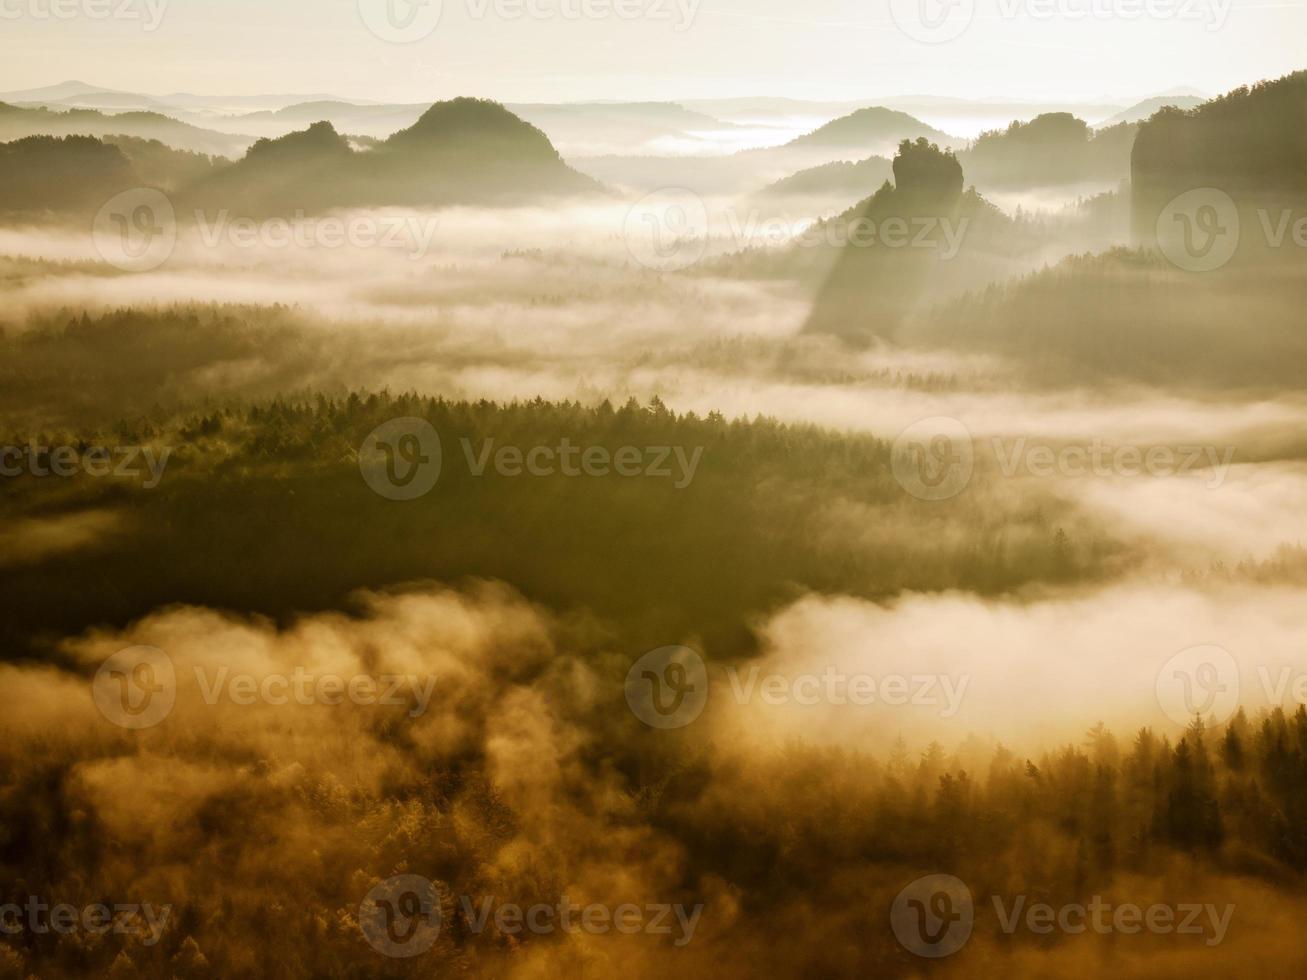 ravina rochosa cheia de névoa dourada e sol acima do horizonte. foto